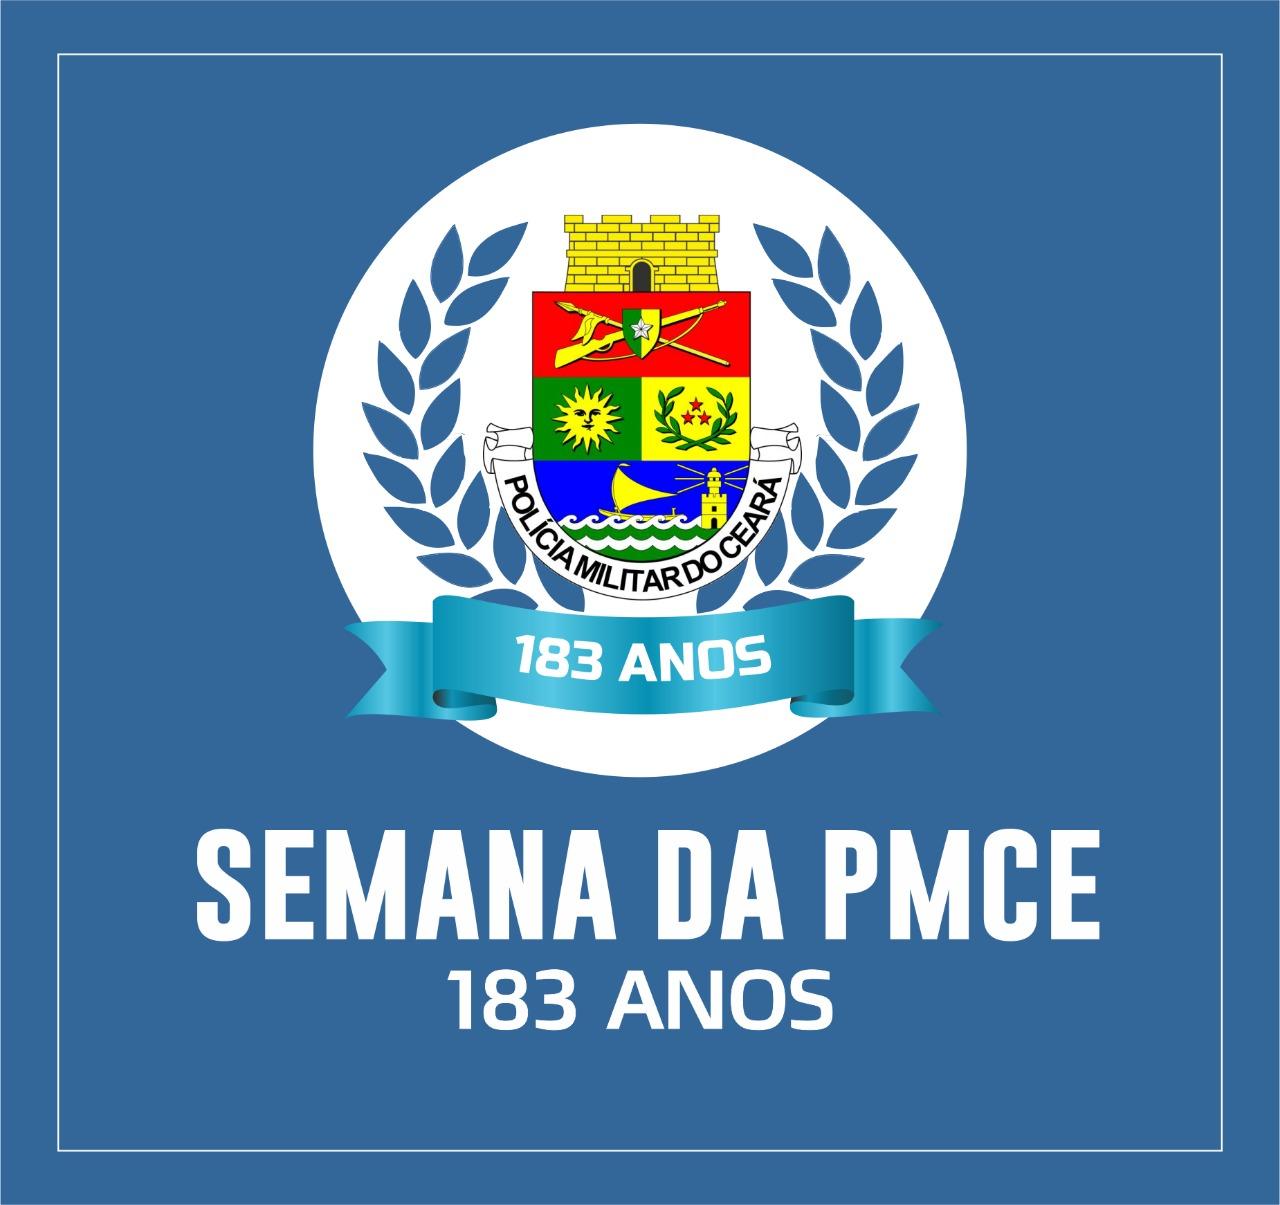 PMCE divulga programação alusiva ao Aniversário de 183 anos da Corporação